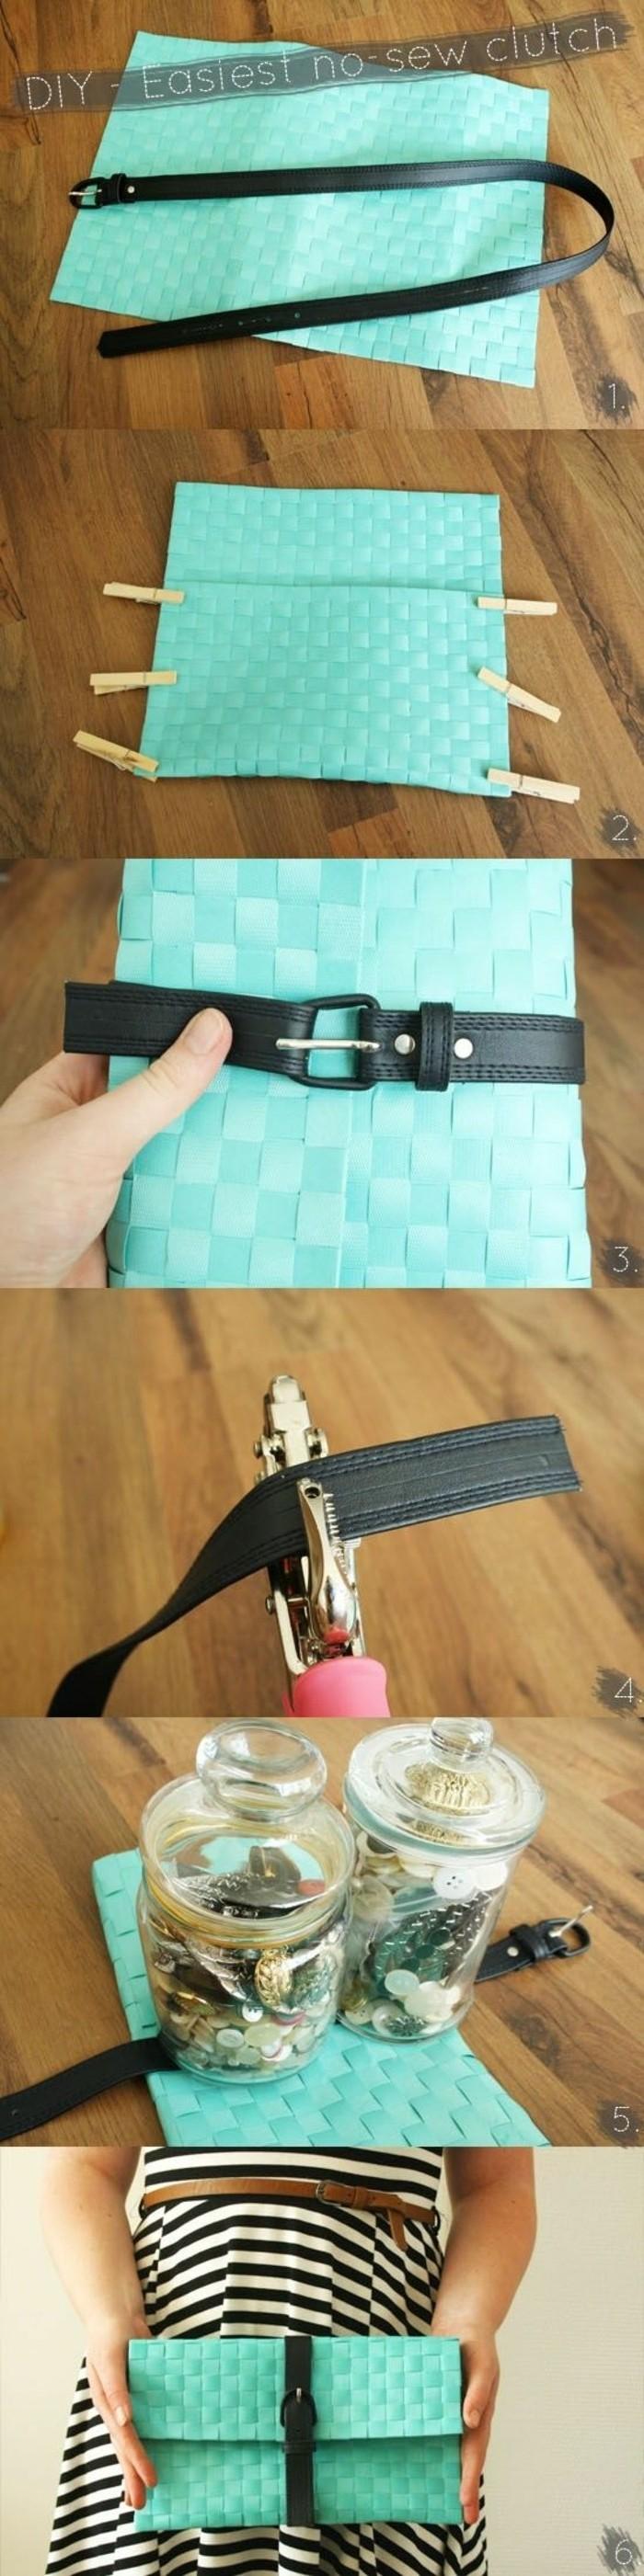 tuto-pochette-non-cosue-à-faire-soi-meme-coller-les-différents-cotés-ensemble-a-l-aide-de-colle-modele-de-pochette-avec-ceinture